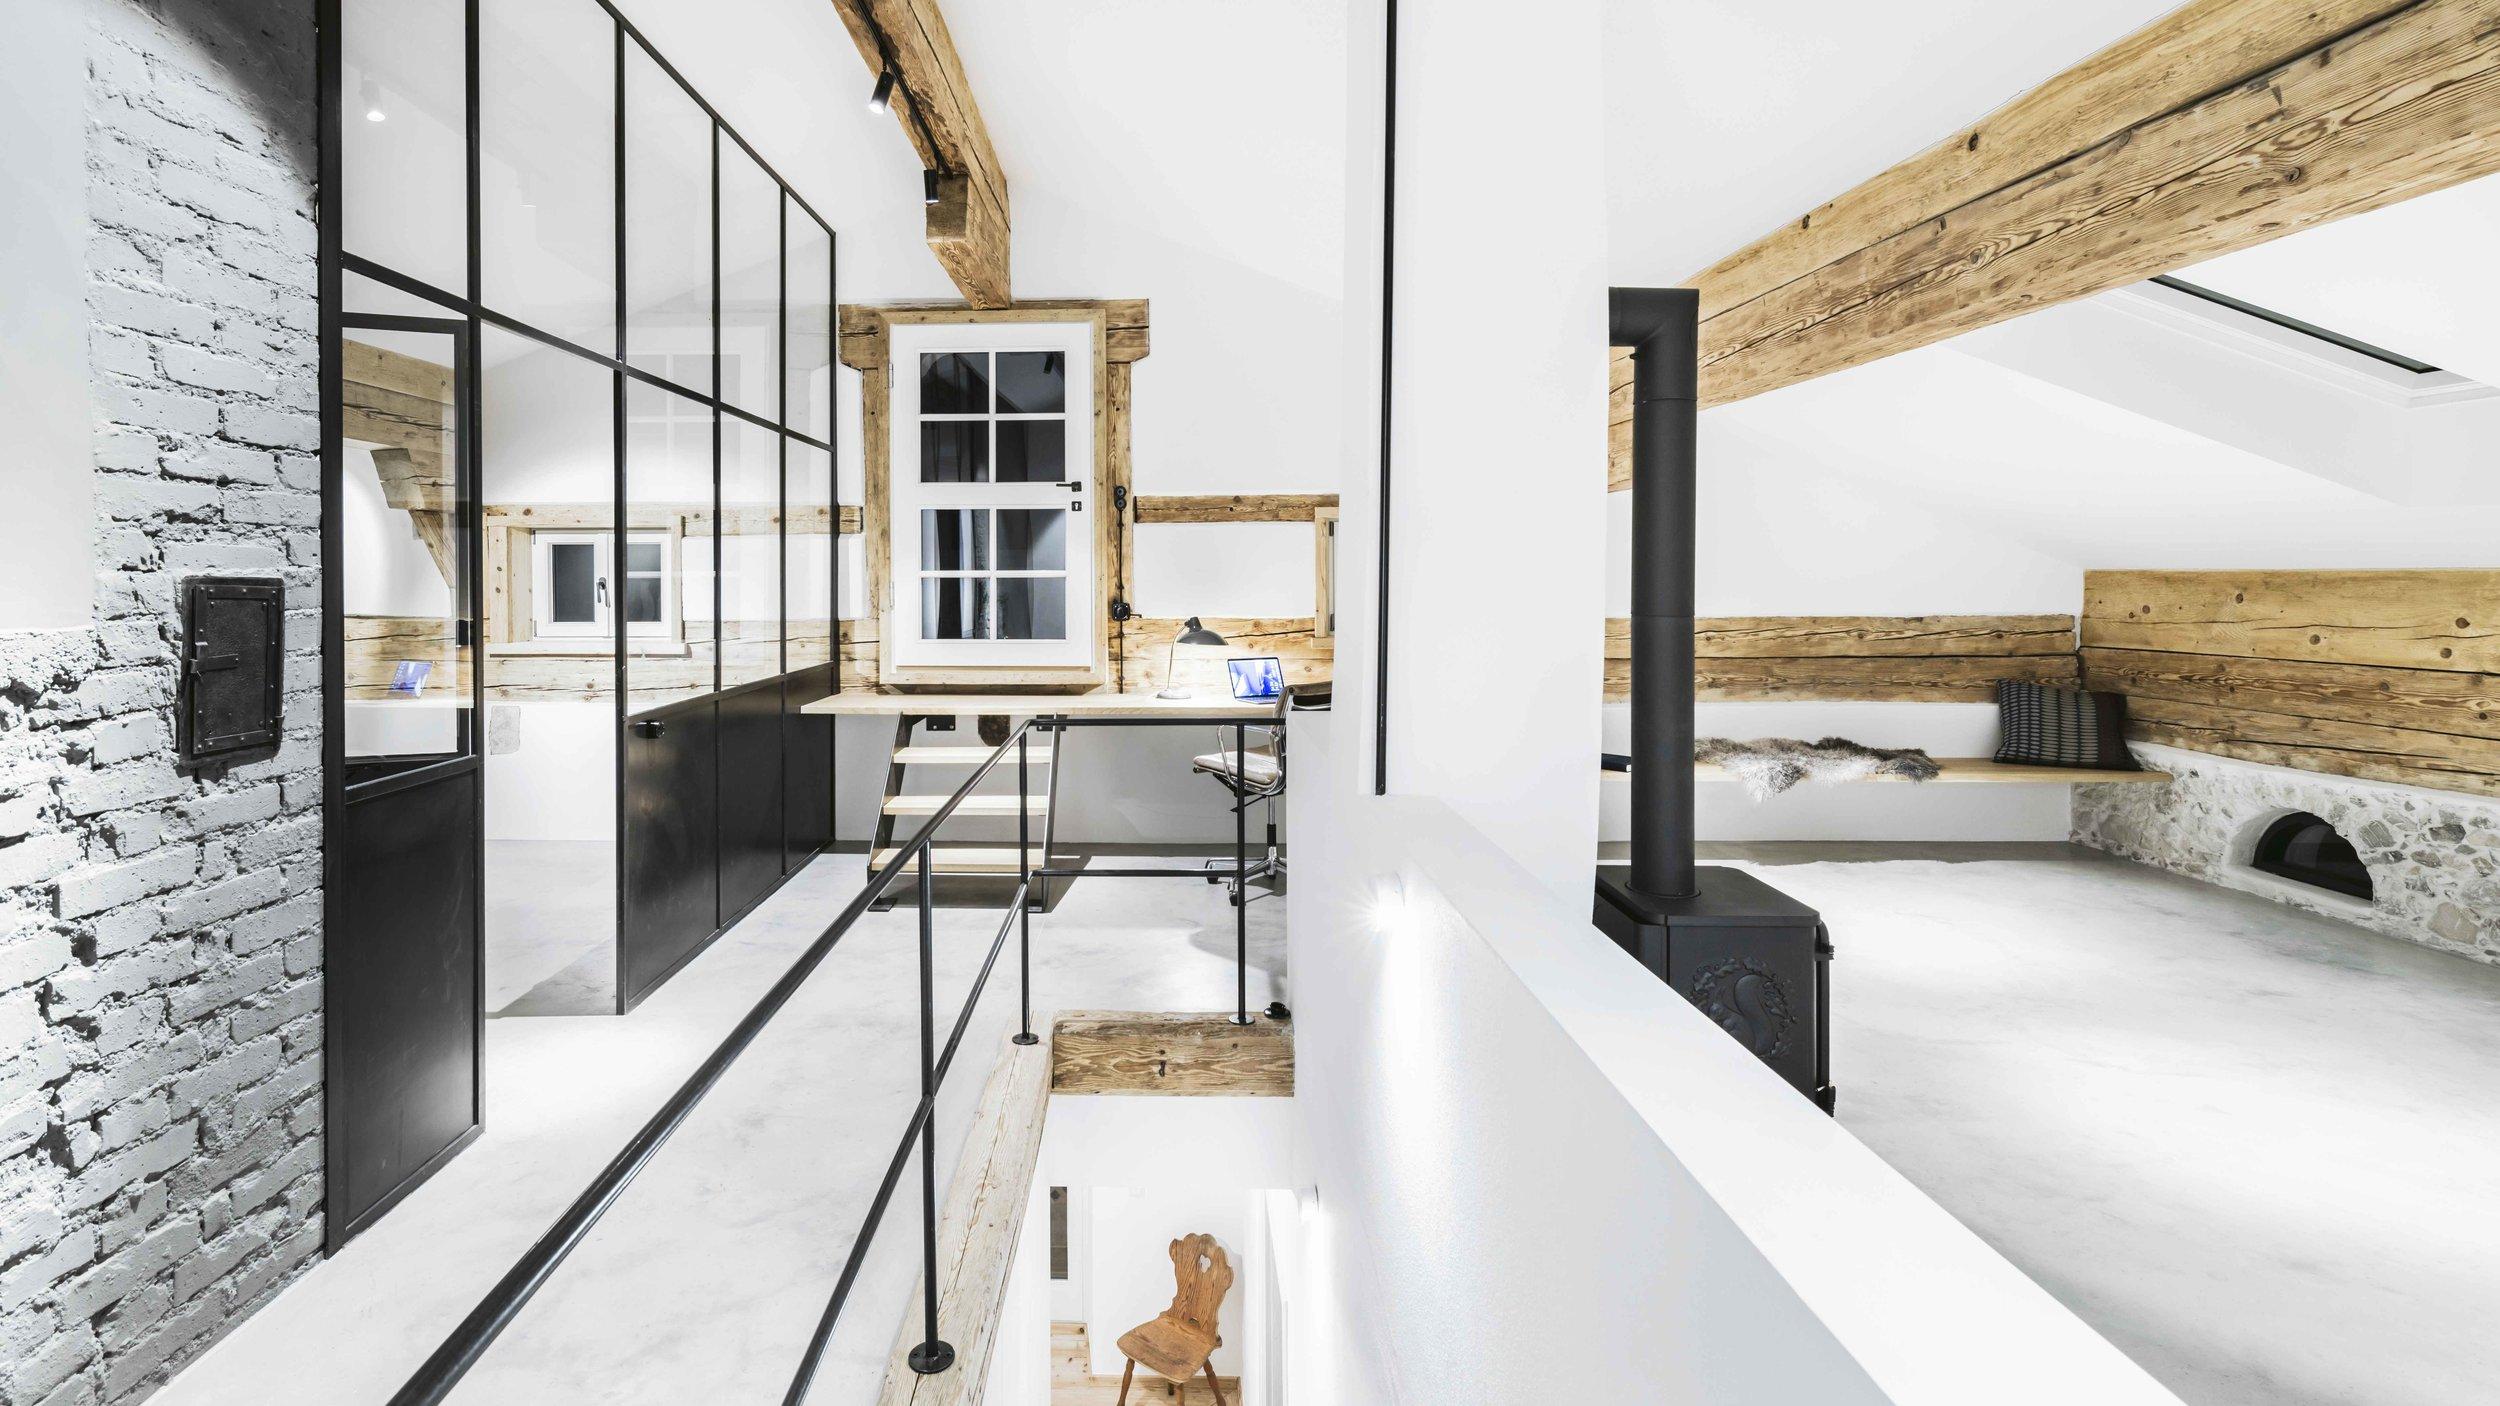 Buero Philipp Moeller-Architekt-München-sanierung-bauernhaus4 Buero Philipp Moeller-München-Architekt.jpg